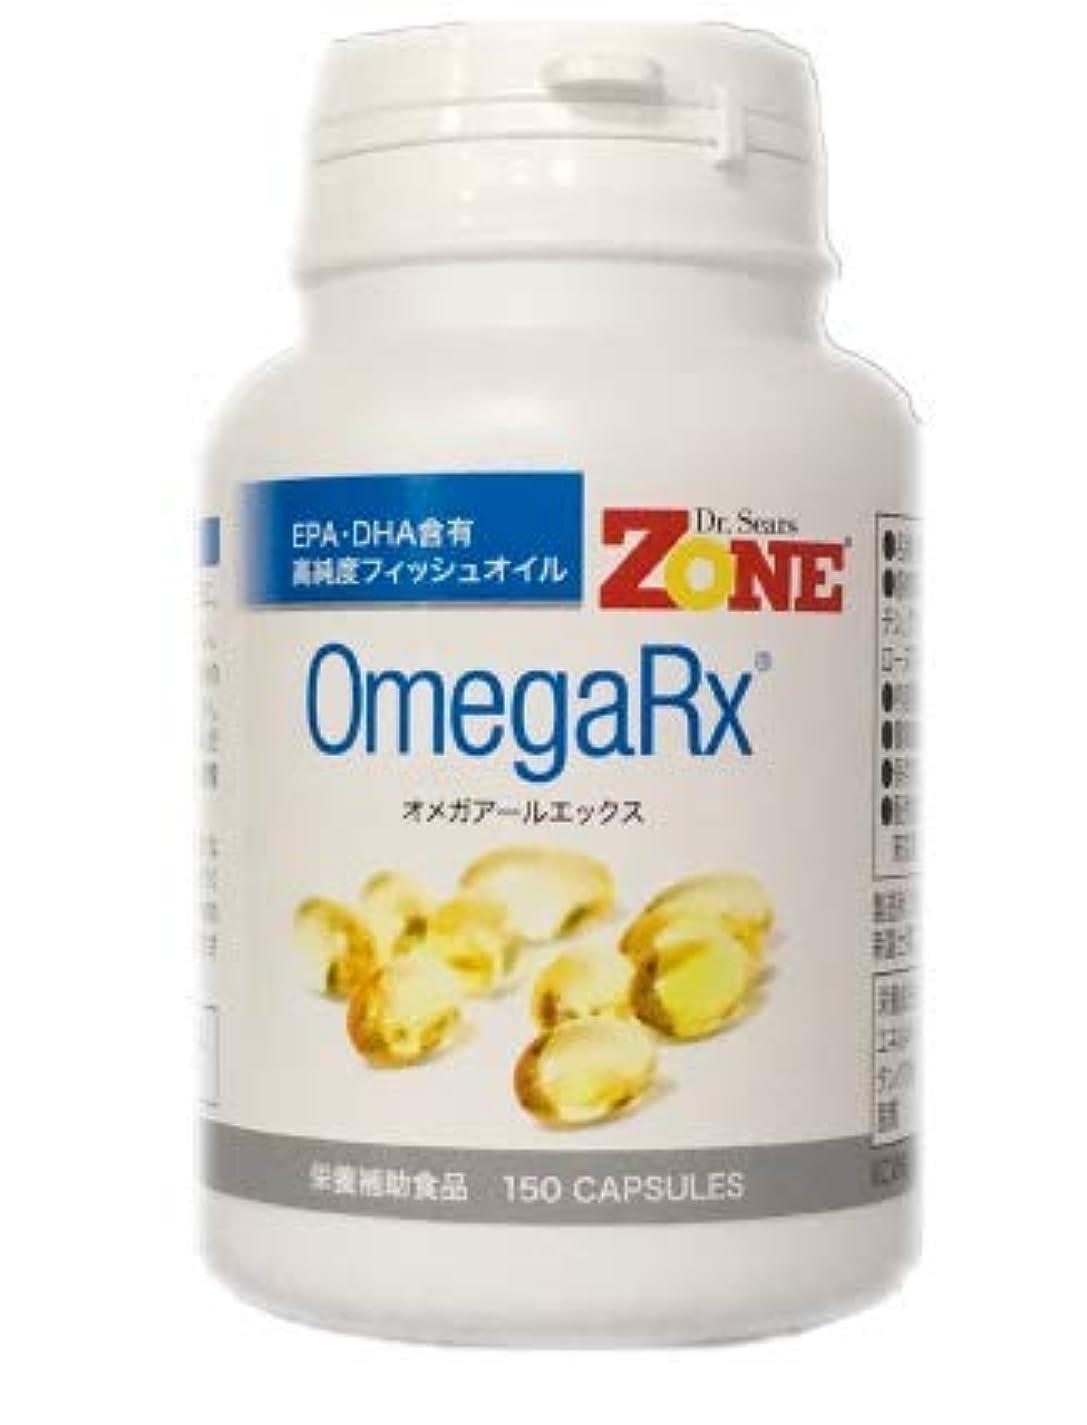 放課後ポインタシュリンクオメガRX omegaRX 150粒 Dr.Sears ZONE